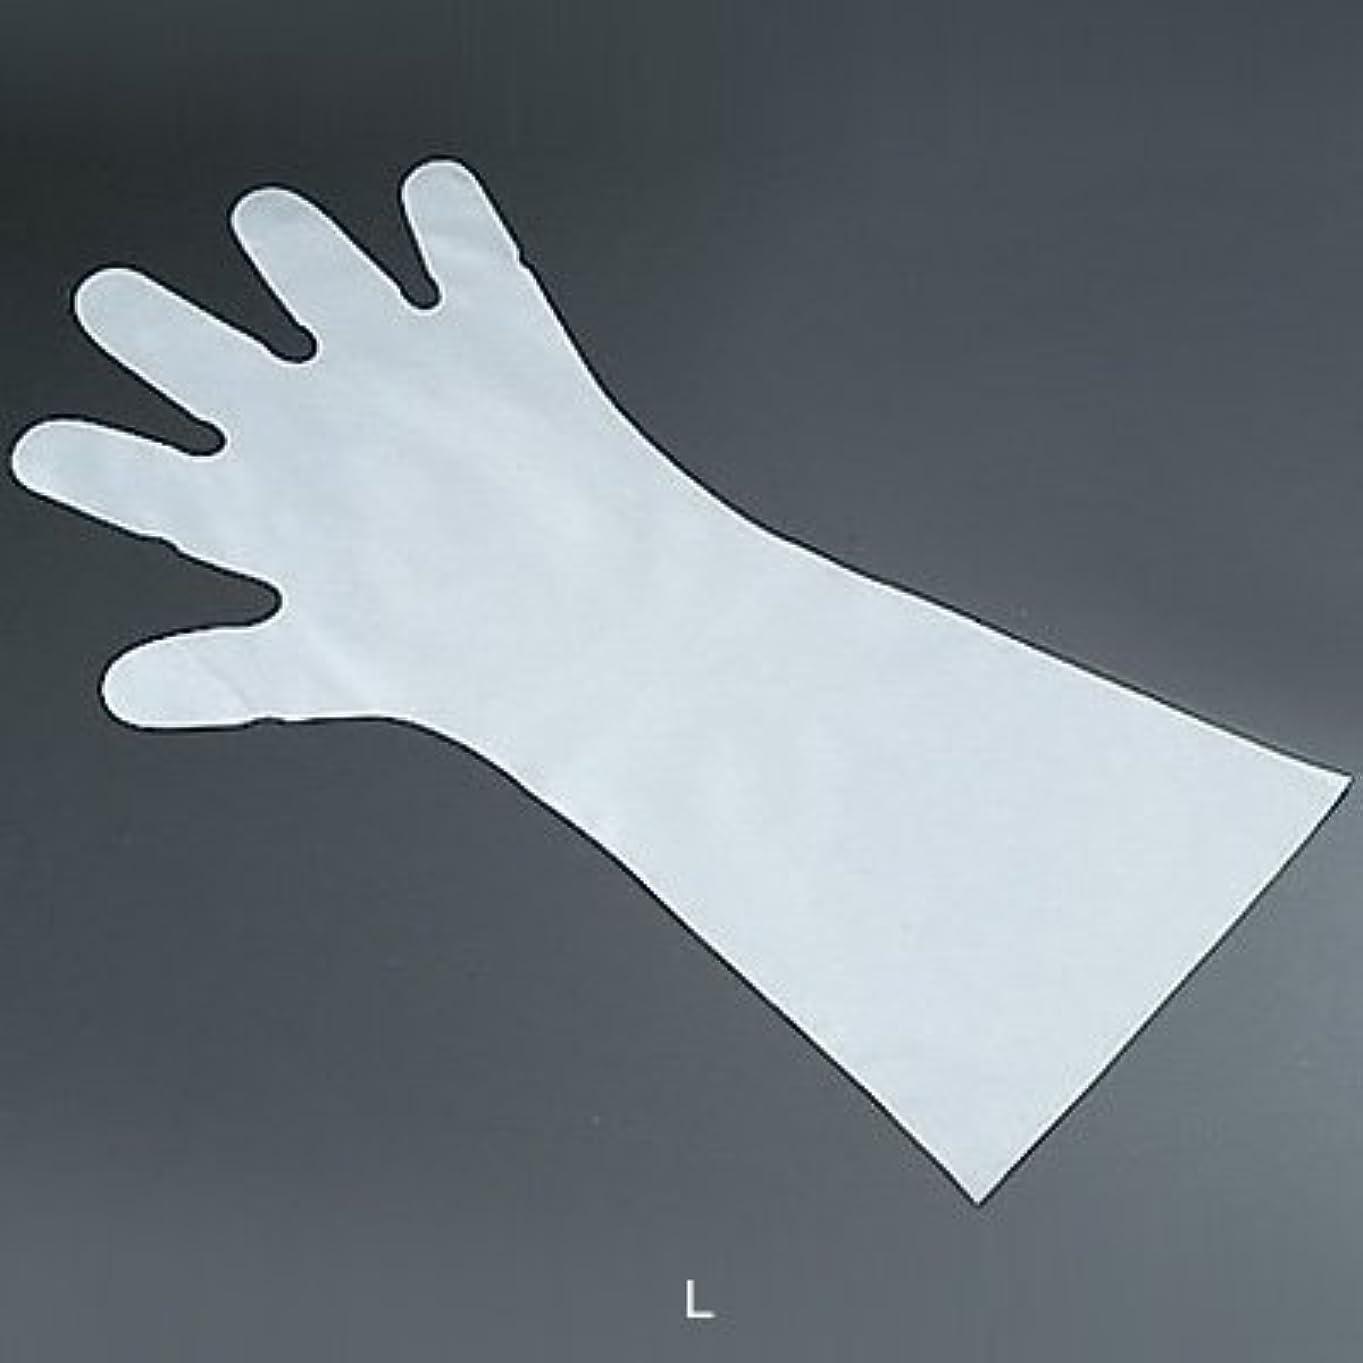 ハイキング定義取得エンボス手袋 五本絞り ロング#50 (簡易パック?ポリエチレン製)(1袋50枚入)L 全長45cm